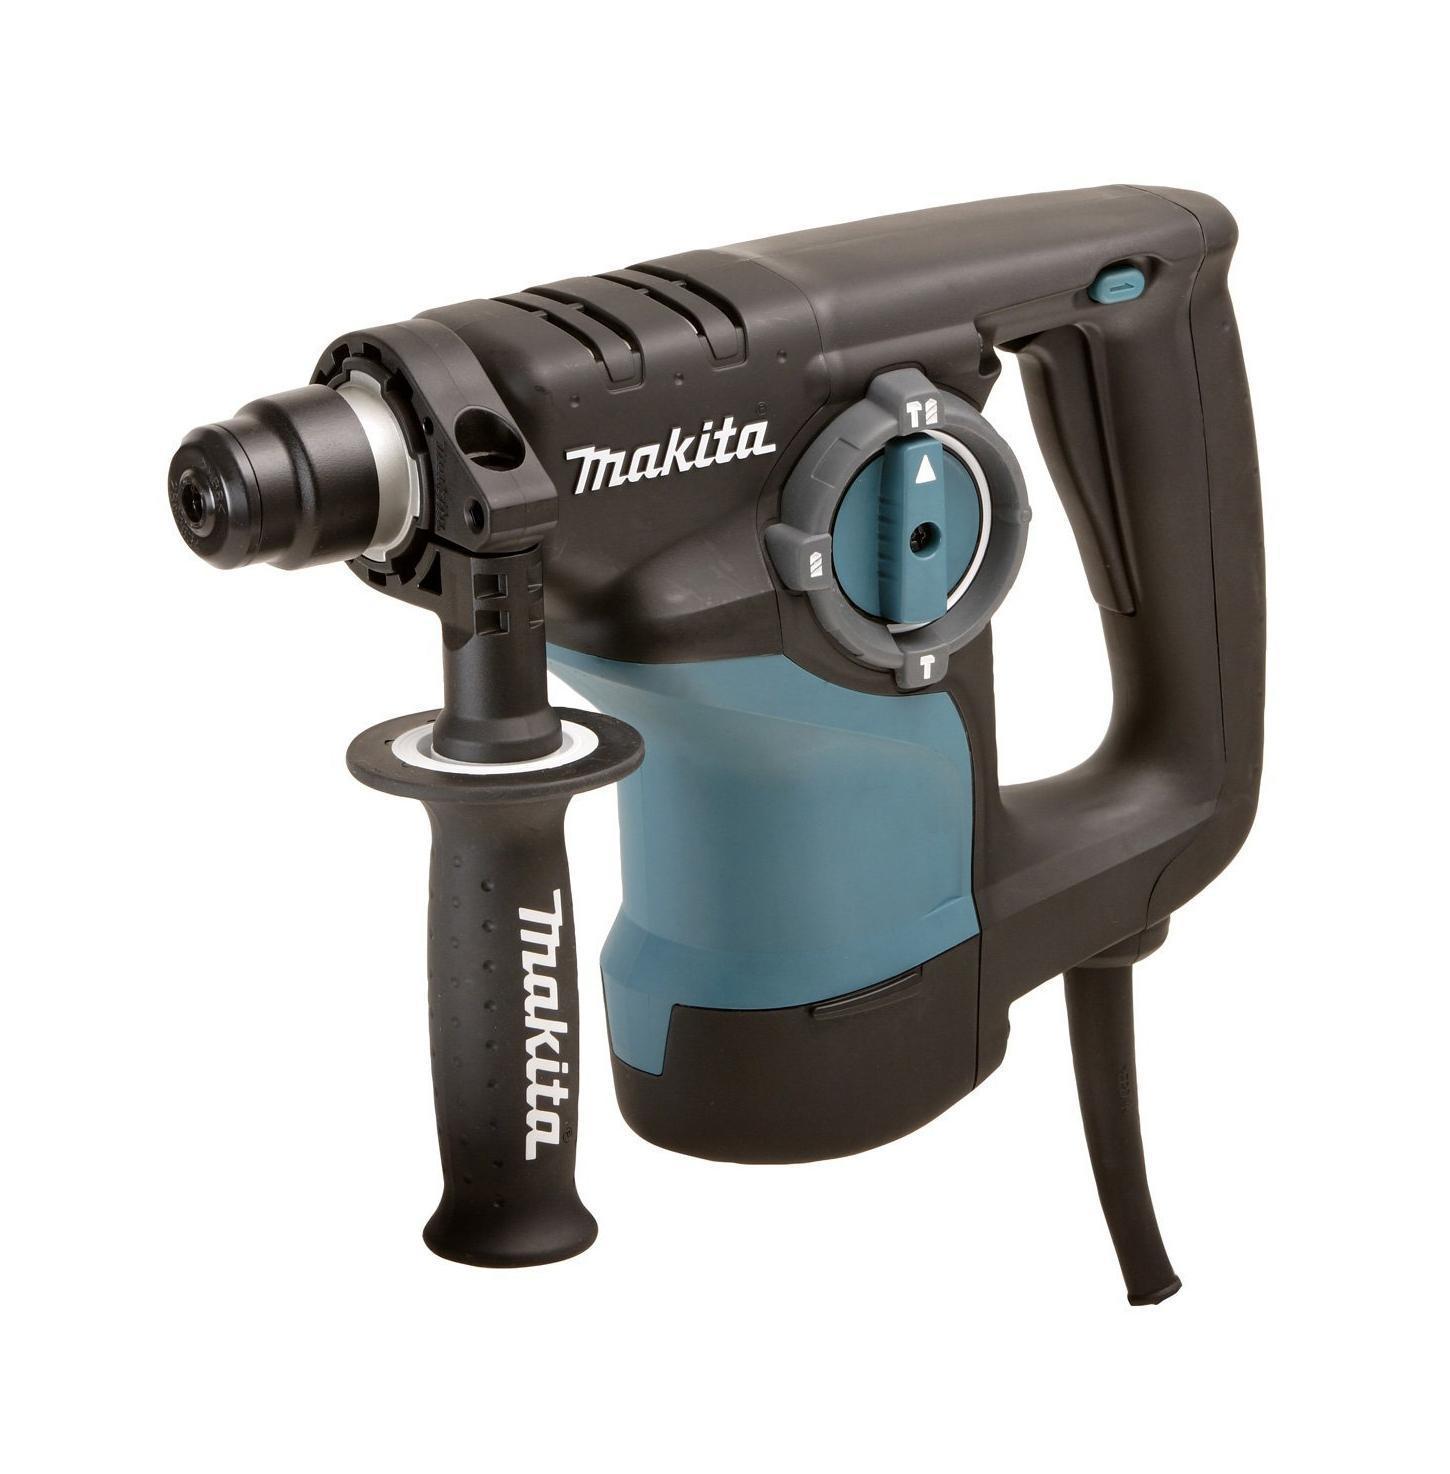 Перфоратор Makita HR2810, SDS+HR 2810Makita HR 2810 - трехрежимный профессиональный перфоратор. Рассчитан на сверление прочных материалов. Три рабочих режима предназначены для обычного и ударного сверления бетона, камня и кирпича, а также для безударного сверления керамики, дерева, металла и пластмассы. Трехрежимный компактный перфоратор Makita HR 2810 имеет отличительную особенность - двигатель расположен вертикально, что особенно удобно при потолочных работах. Электрический перфоратор Makita HR 2810 совершает удар при помощи электропневматического механизма. Силовое давление на боек, приводящий в движение бур, оказывает поршень, на который производится воздействие сжатым воздухом. Если устройство работает на холостом ходу - удар не производится. Так как скорость вращения регулируется, это дает возможность выбора оптимального режима сверления. Инструмент имеет отличные рабочие характеристики благодаря усовершенствованной конструкции реверса и возможности установки долота в 40 угловых положениях - это...